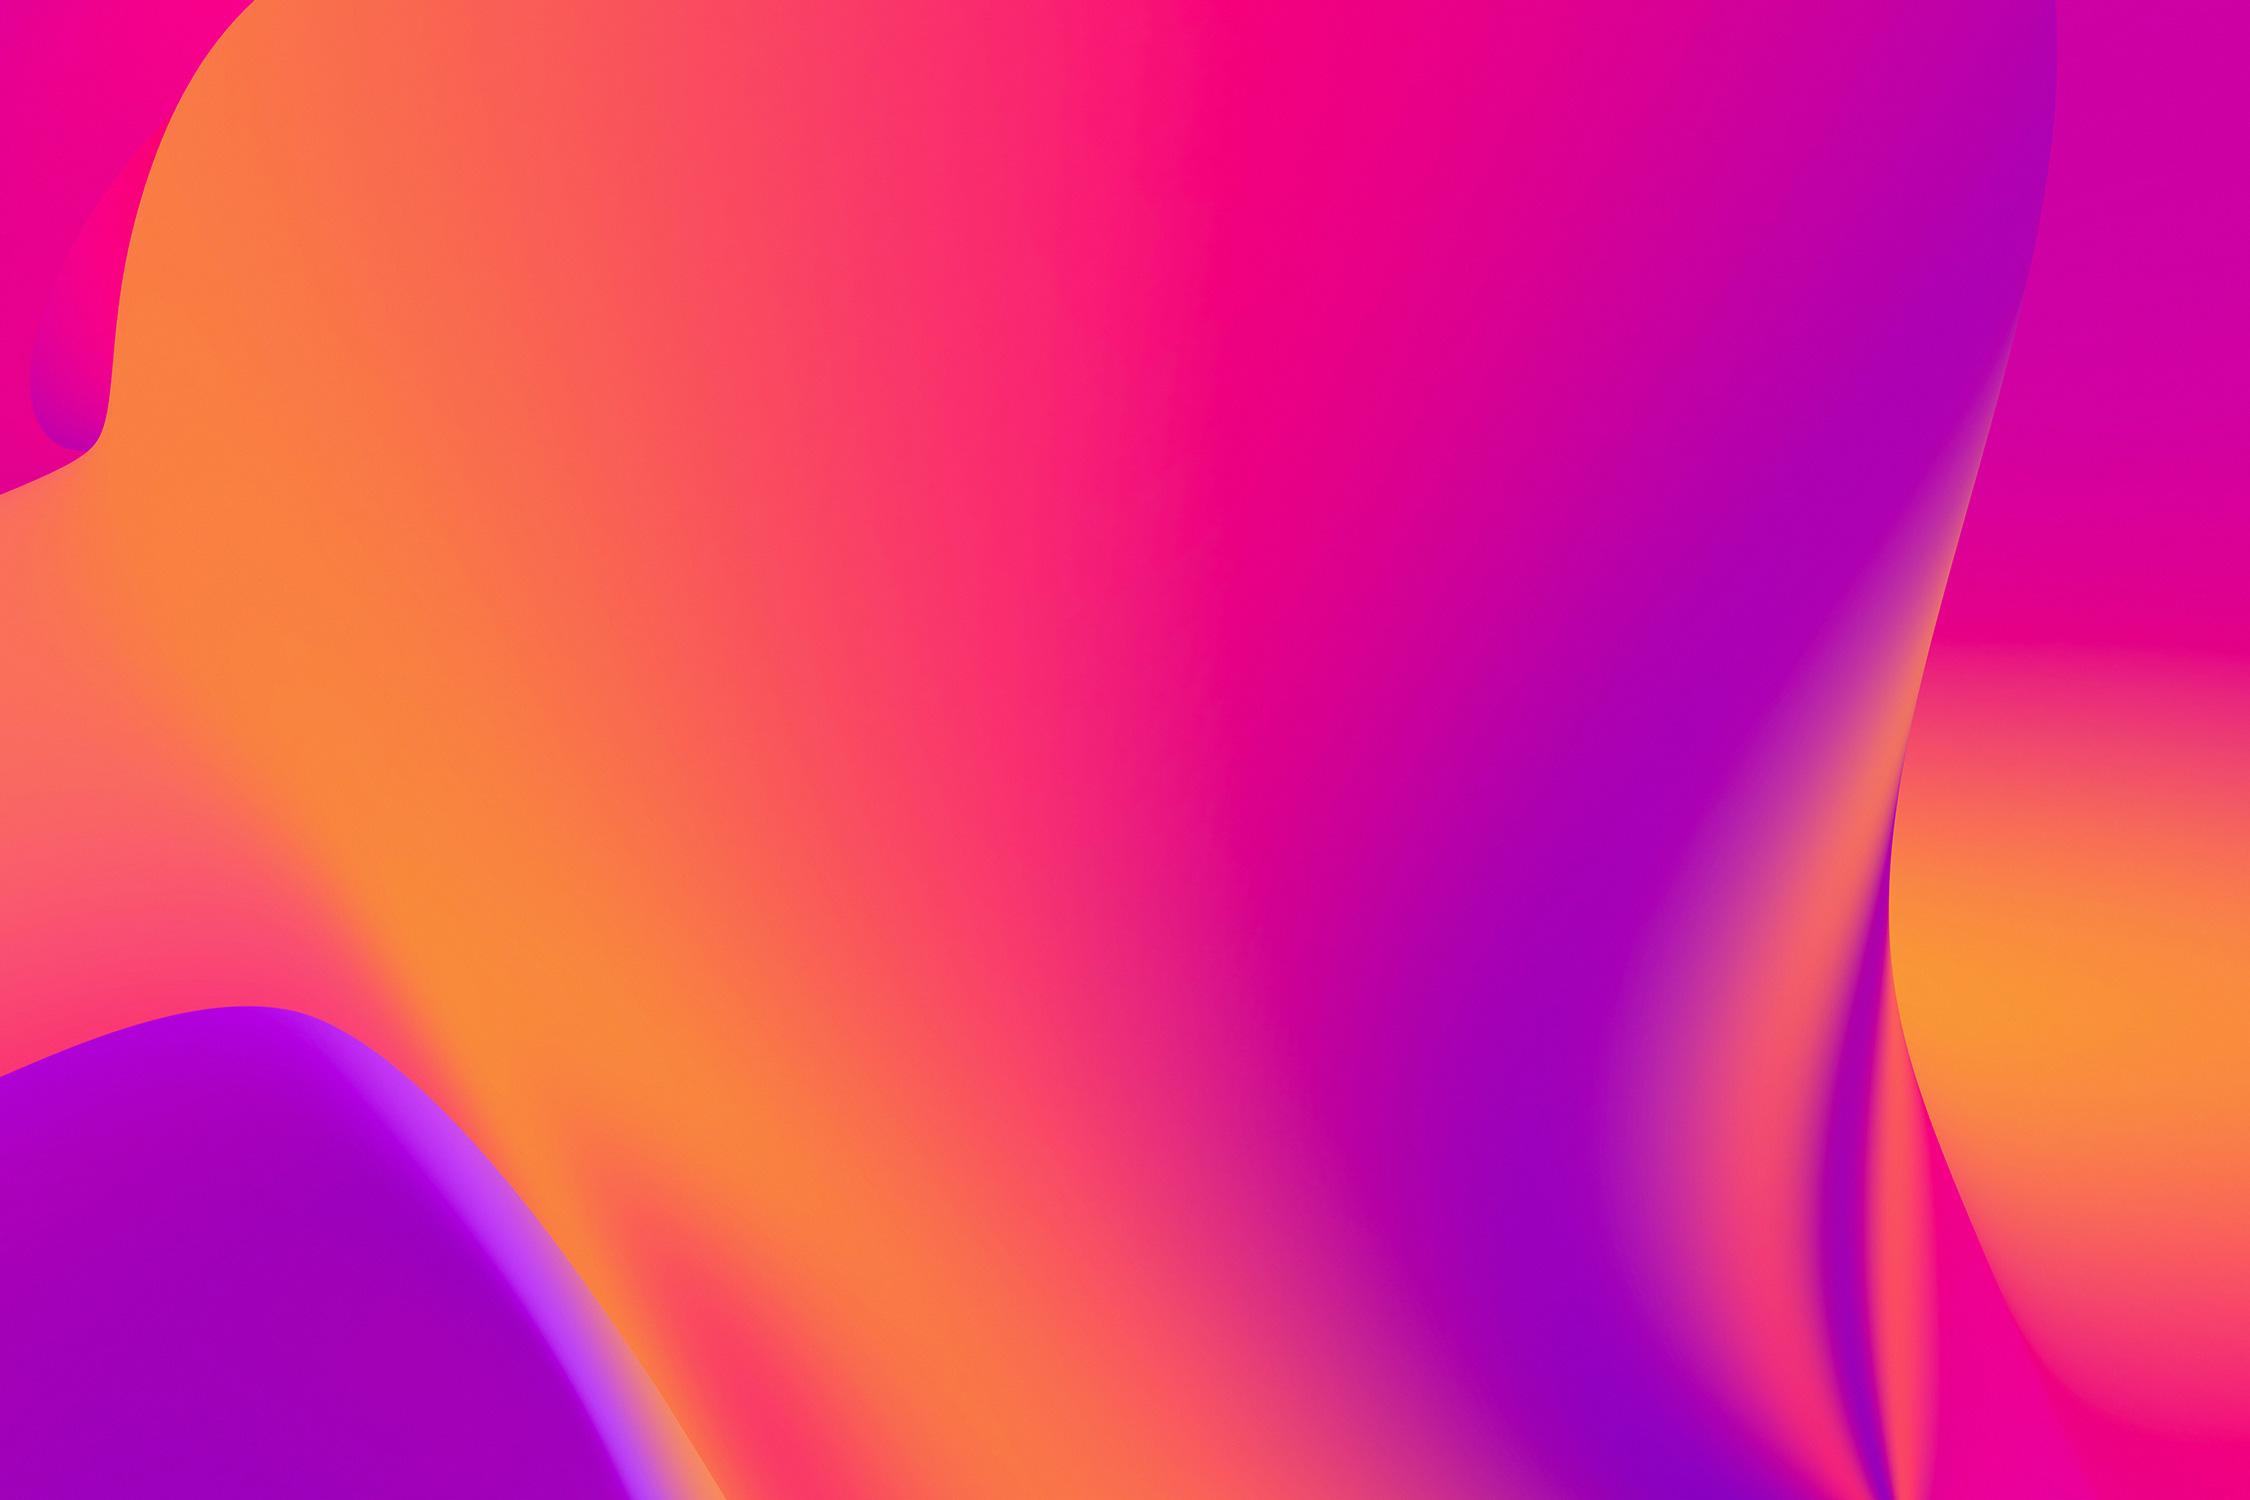 El Libro Amarillo Tendencias de Color Primavera 2021 Pastel-Neón degradado de colores neon